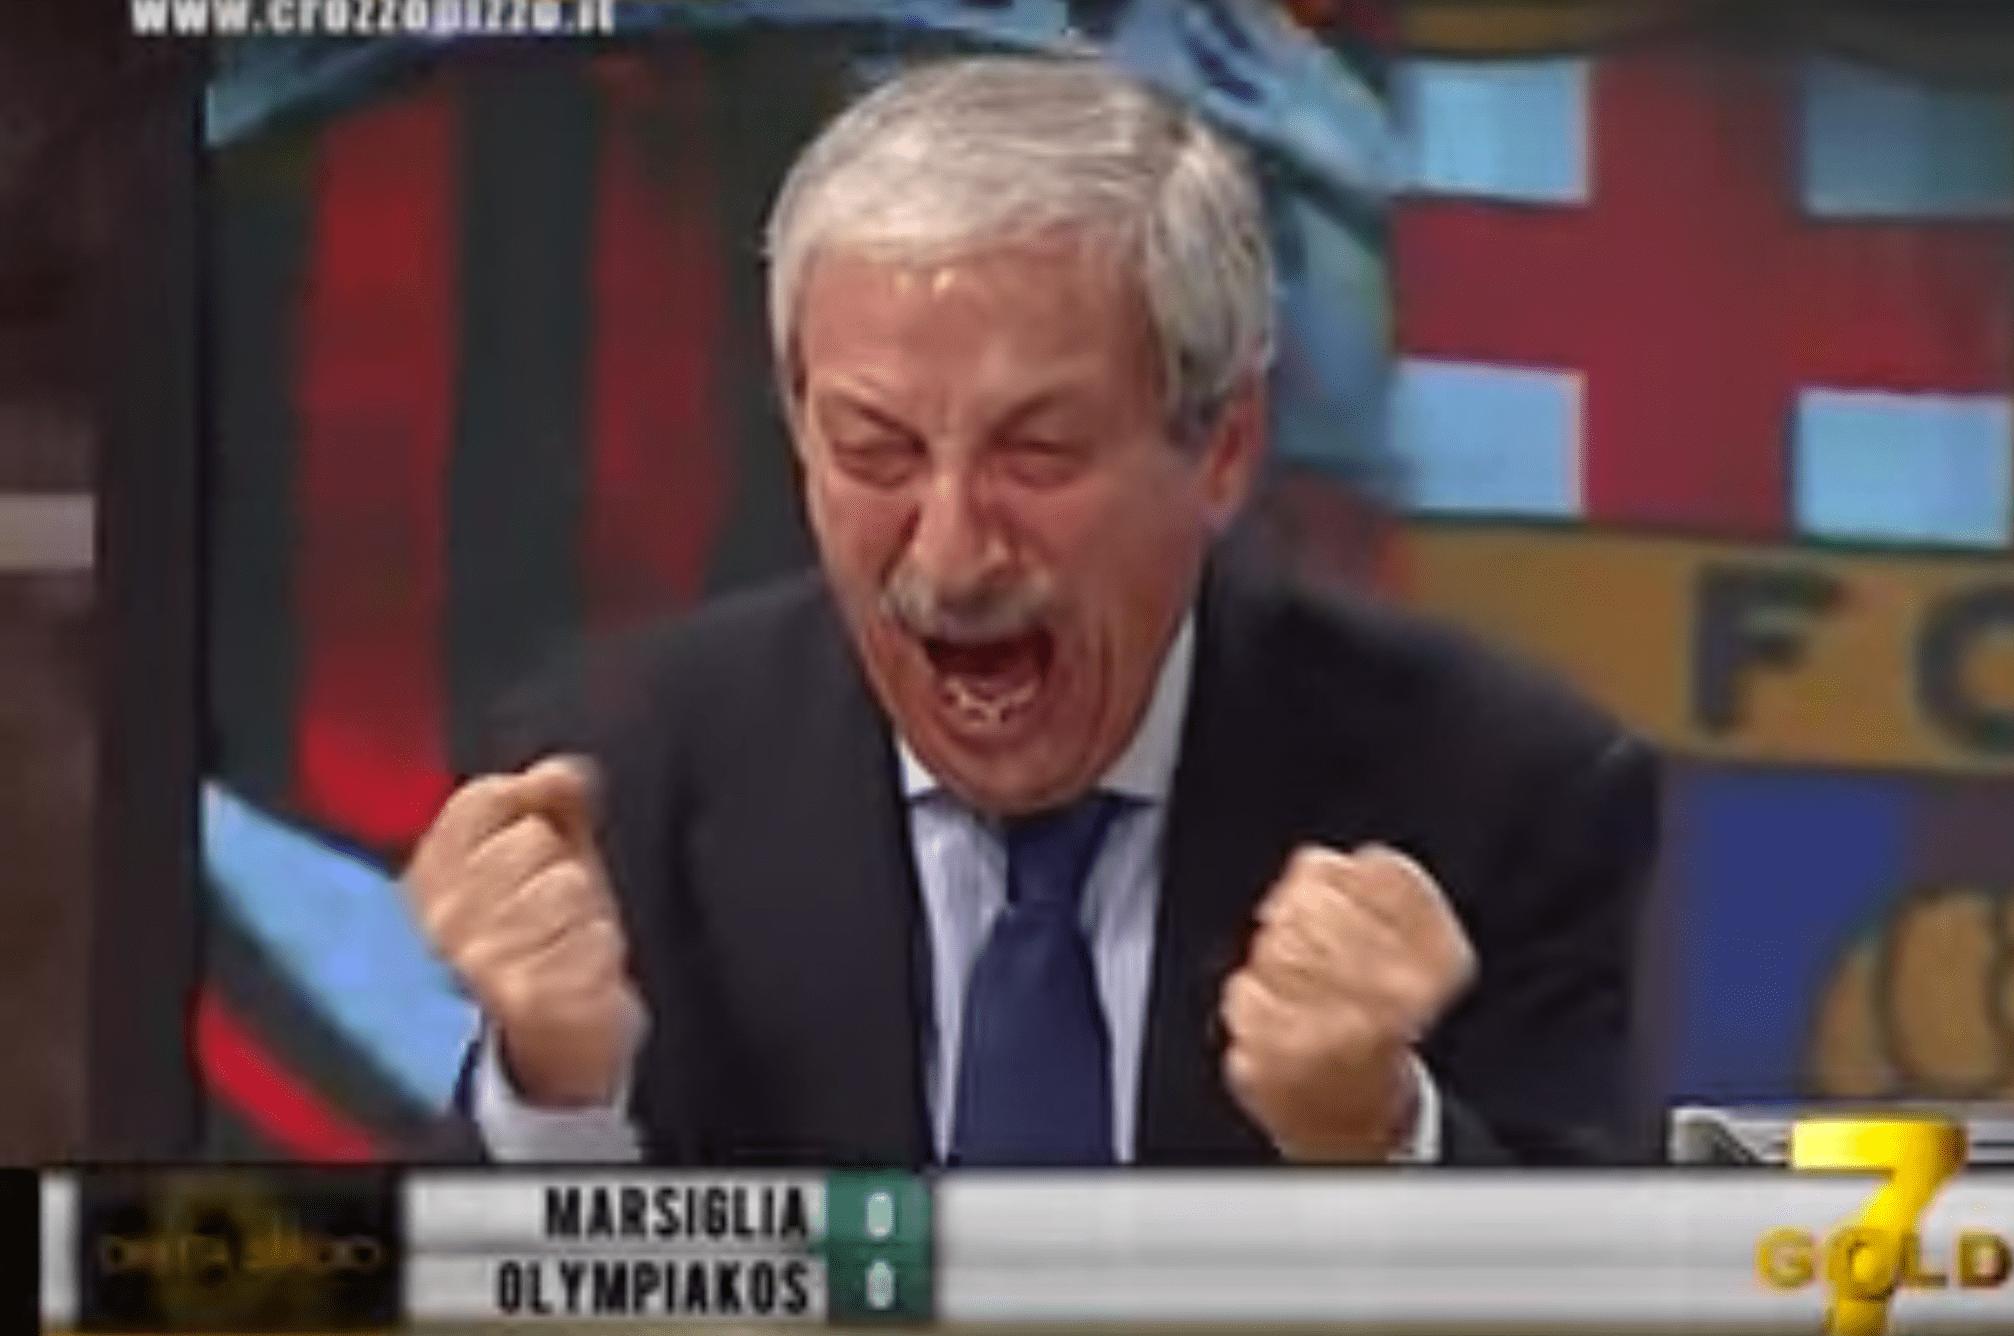 Tiziano Crudeli, le commentateur fou, fan du Milan AC